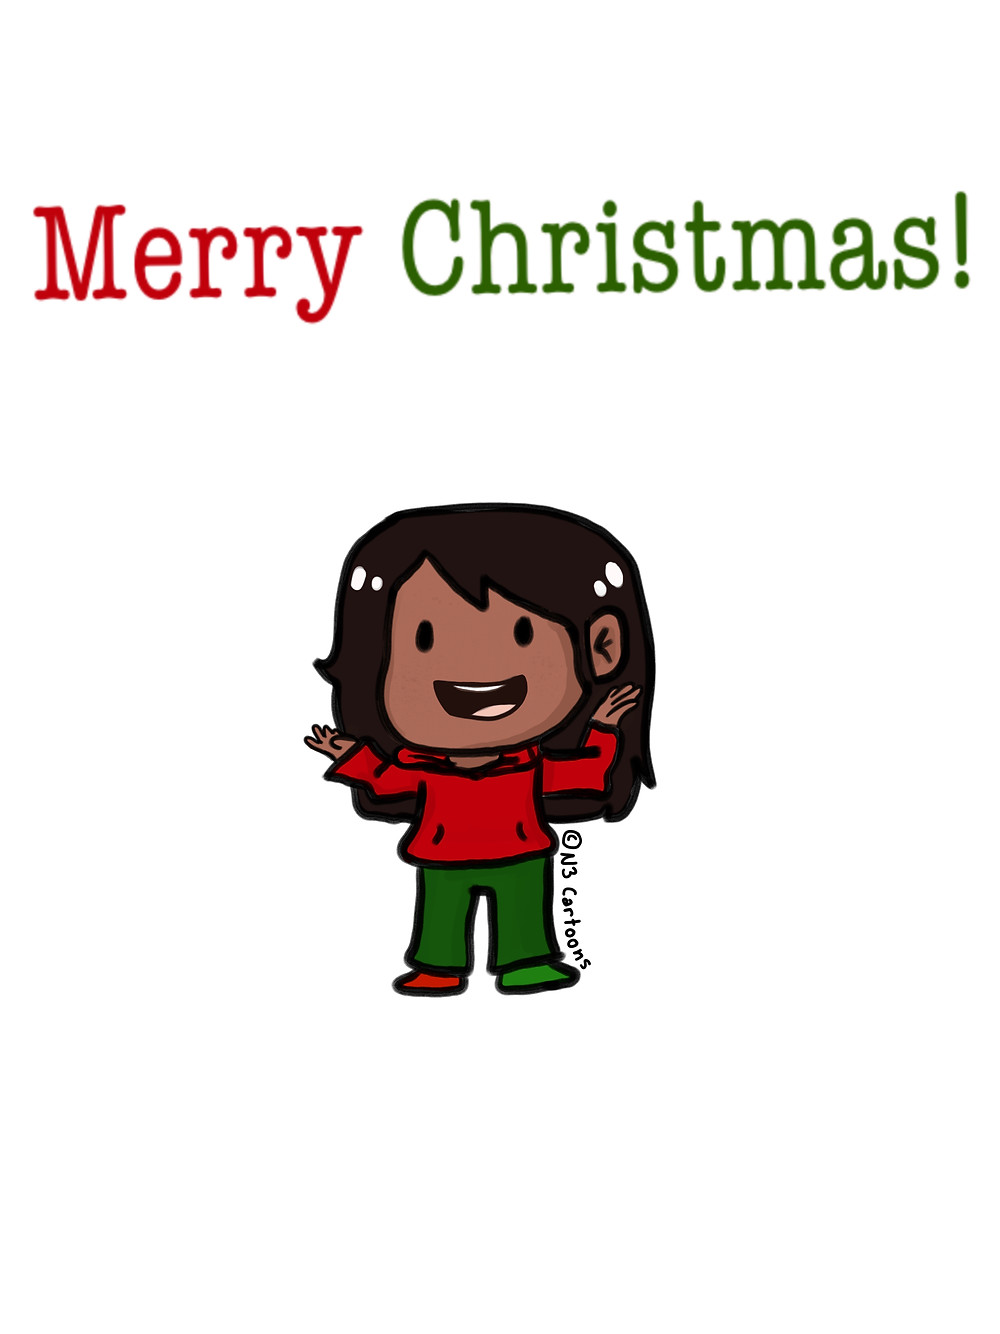 Merry Christmas Chibi